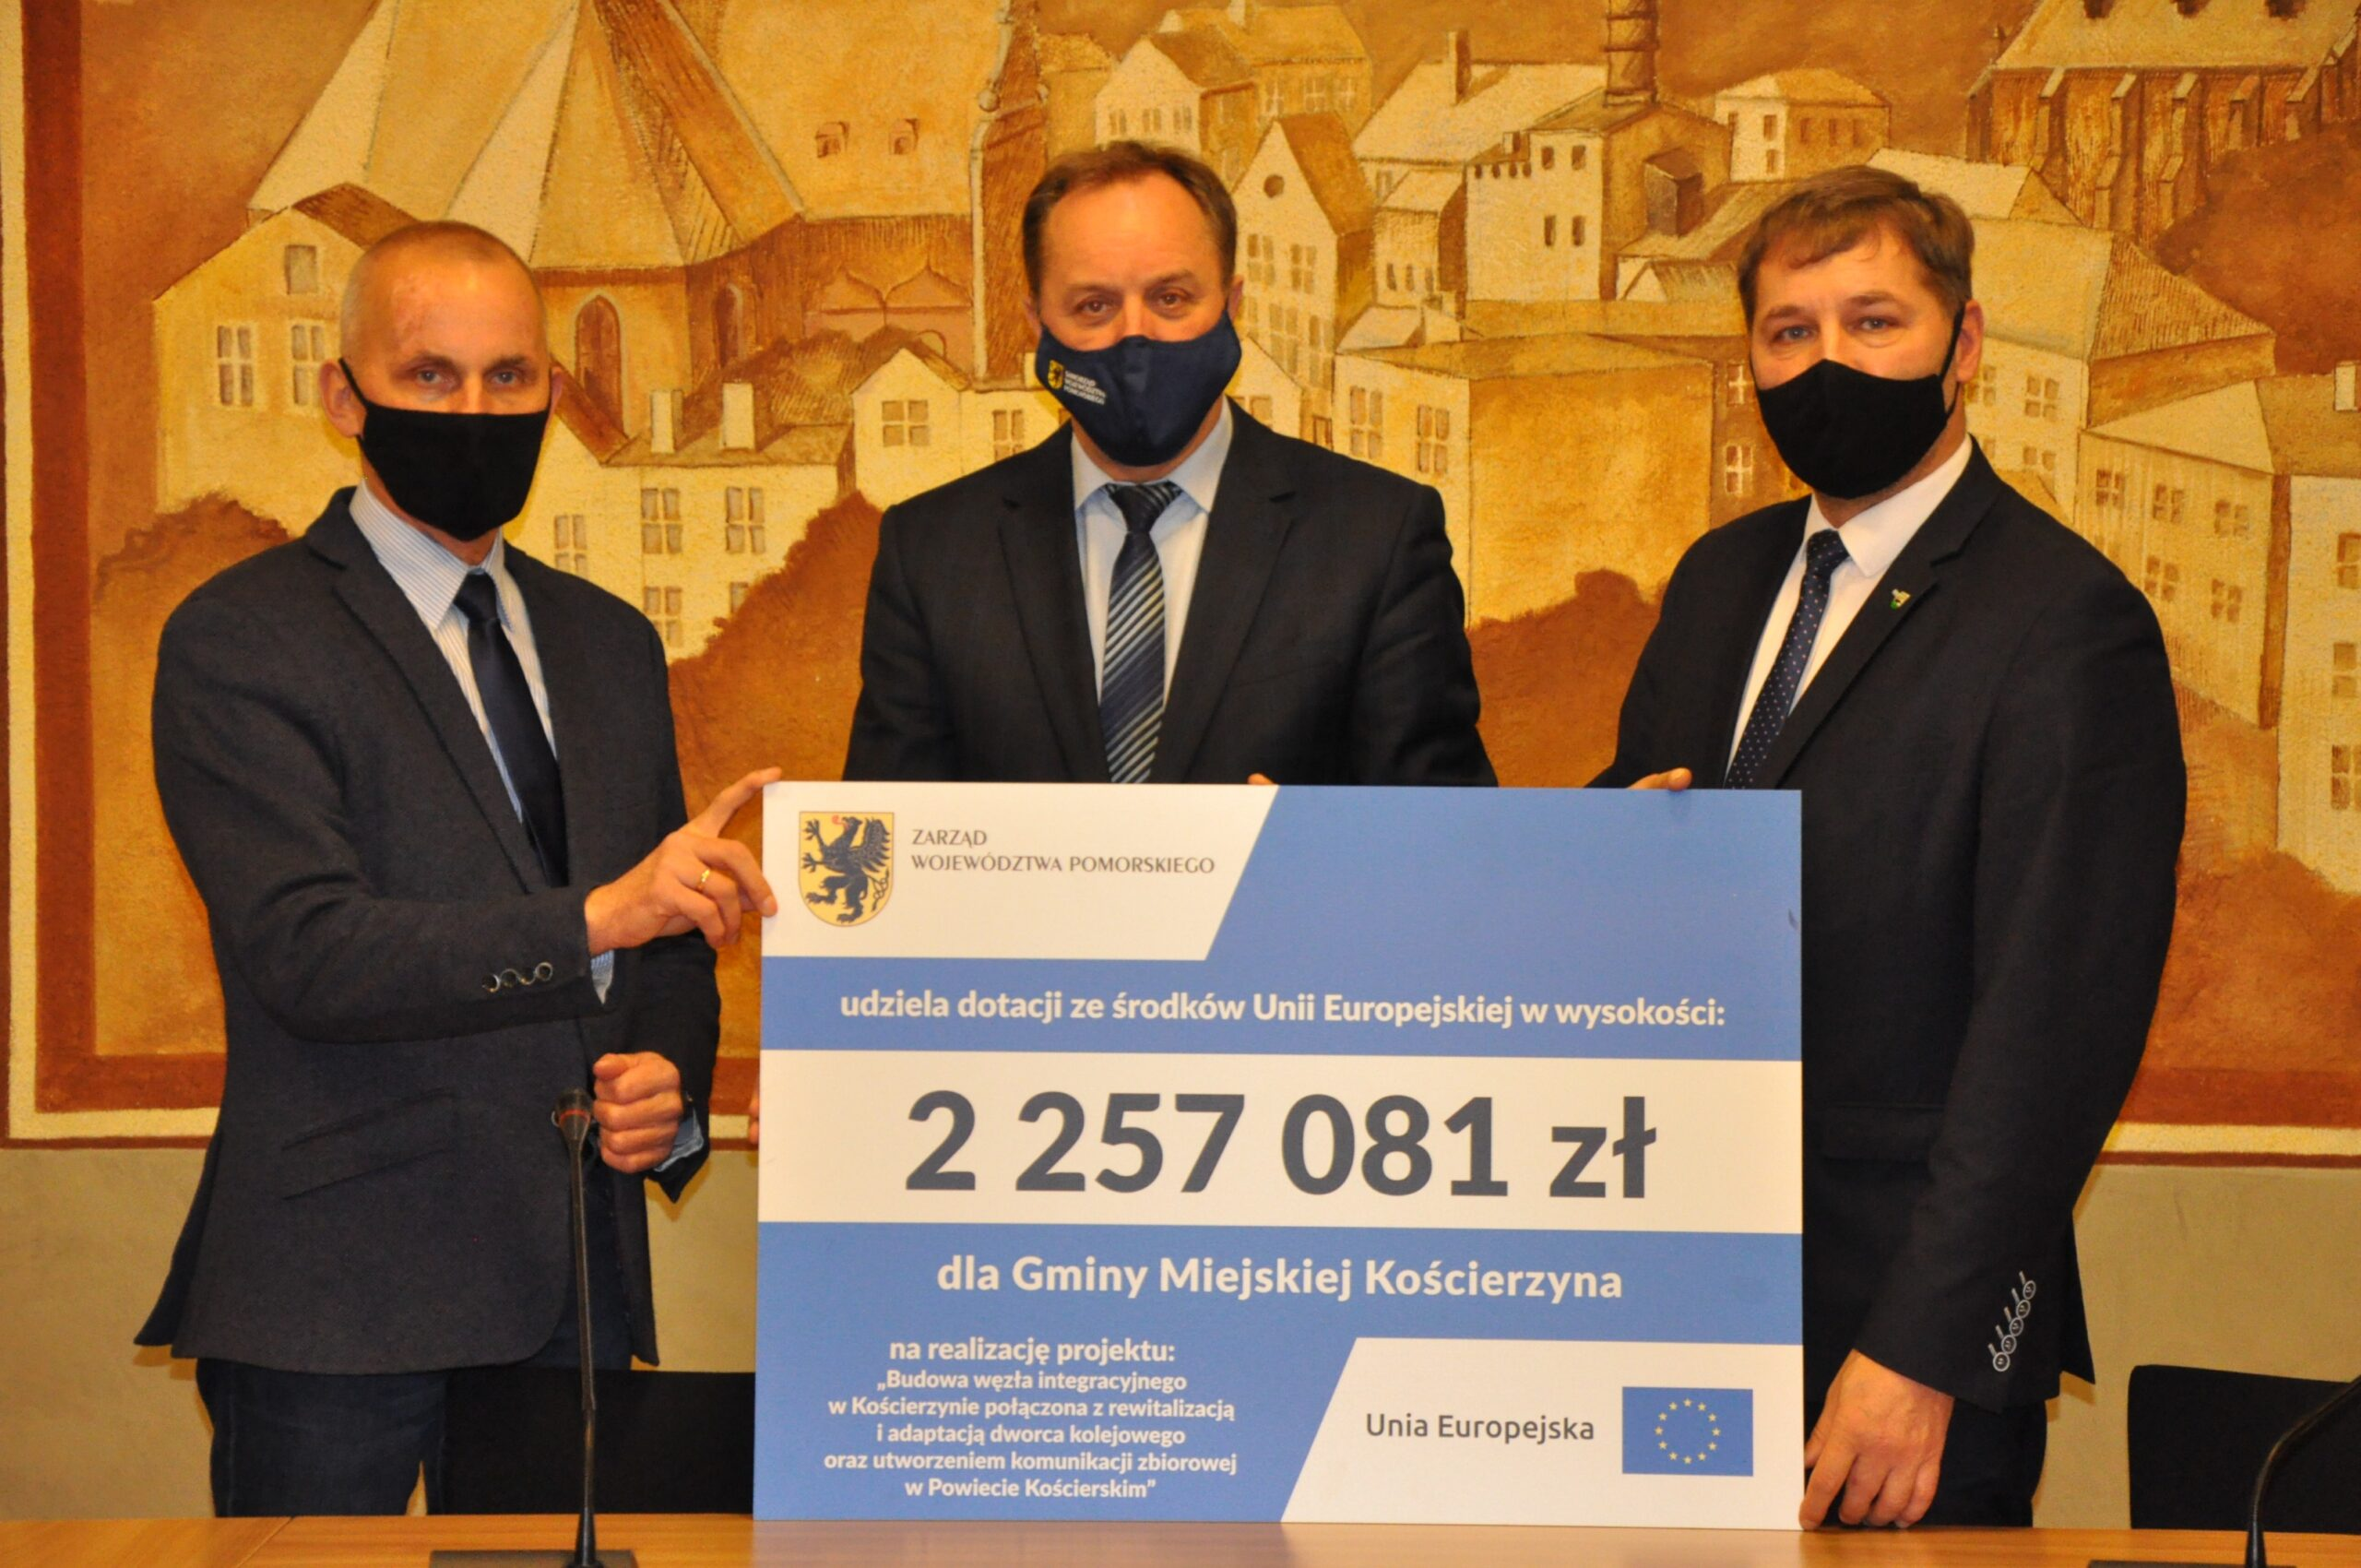 Ponad 3,4 mln zł ze środków unijnych. Dodatkowe pieniądze na budowę węzłów przesiadkowych